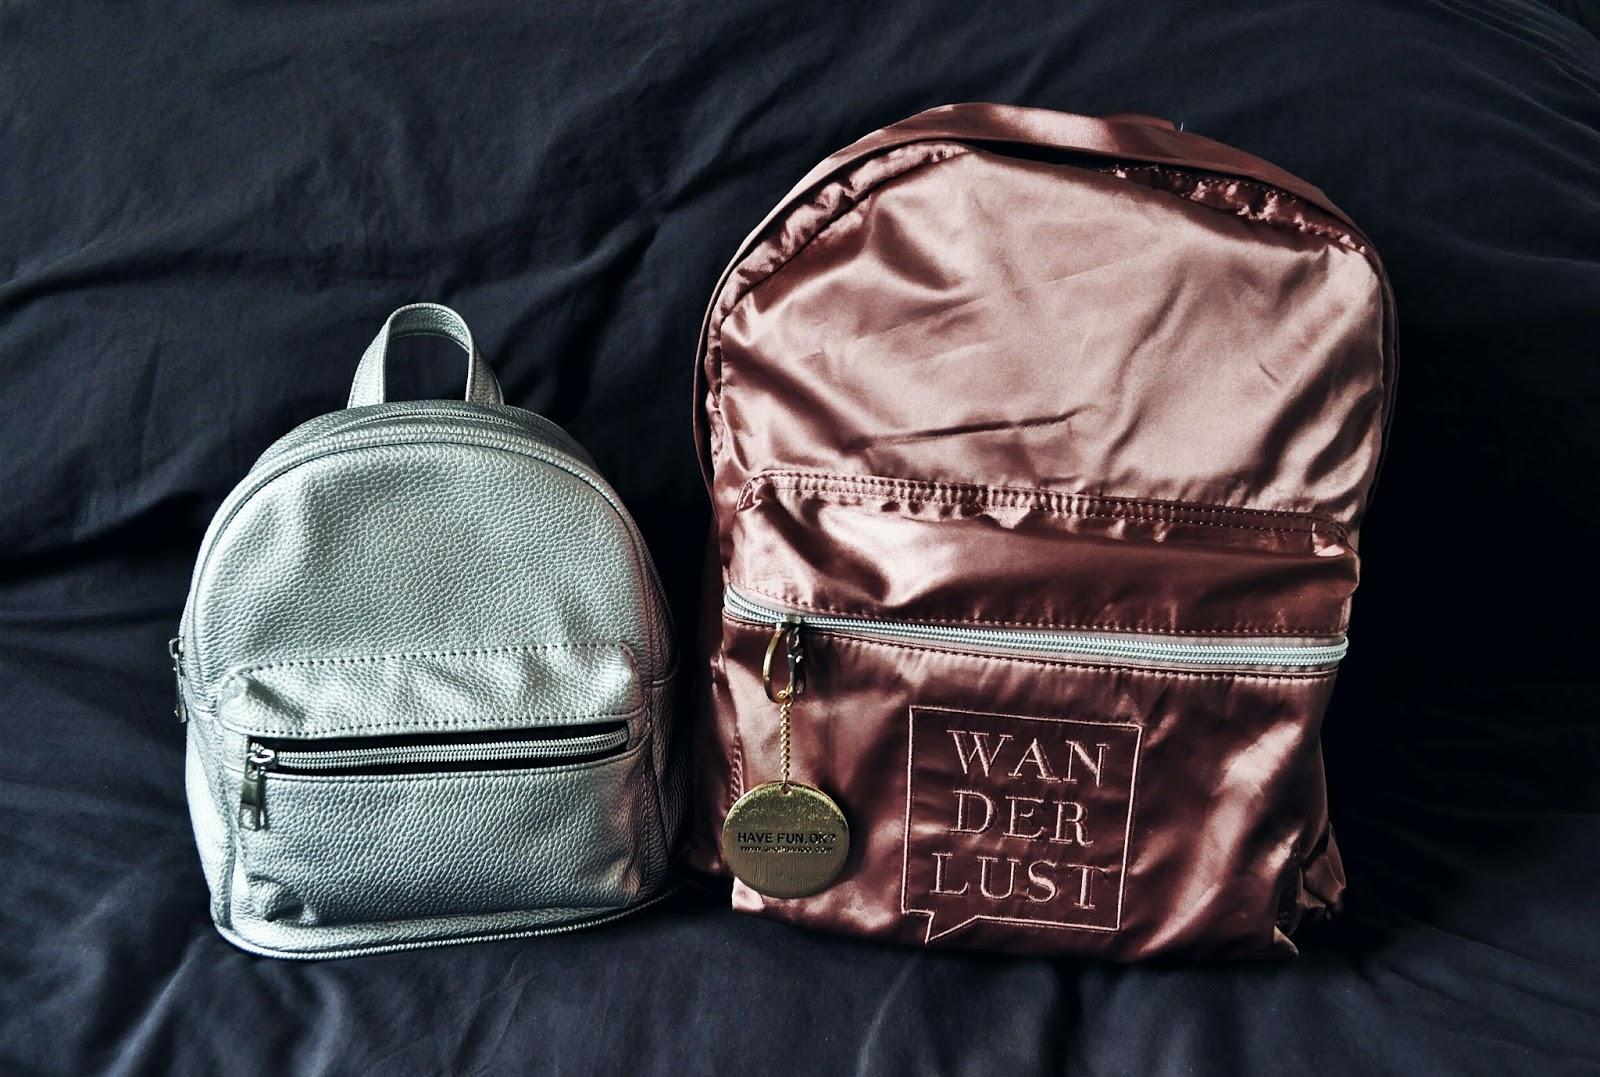 Как компактно сложить вещи в рюкзак? Немного о выборе рюкзака